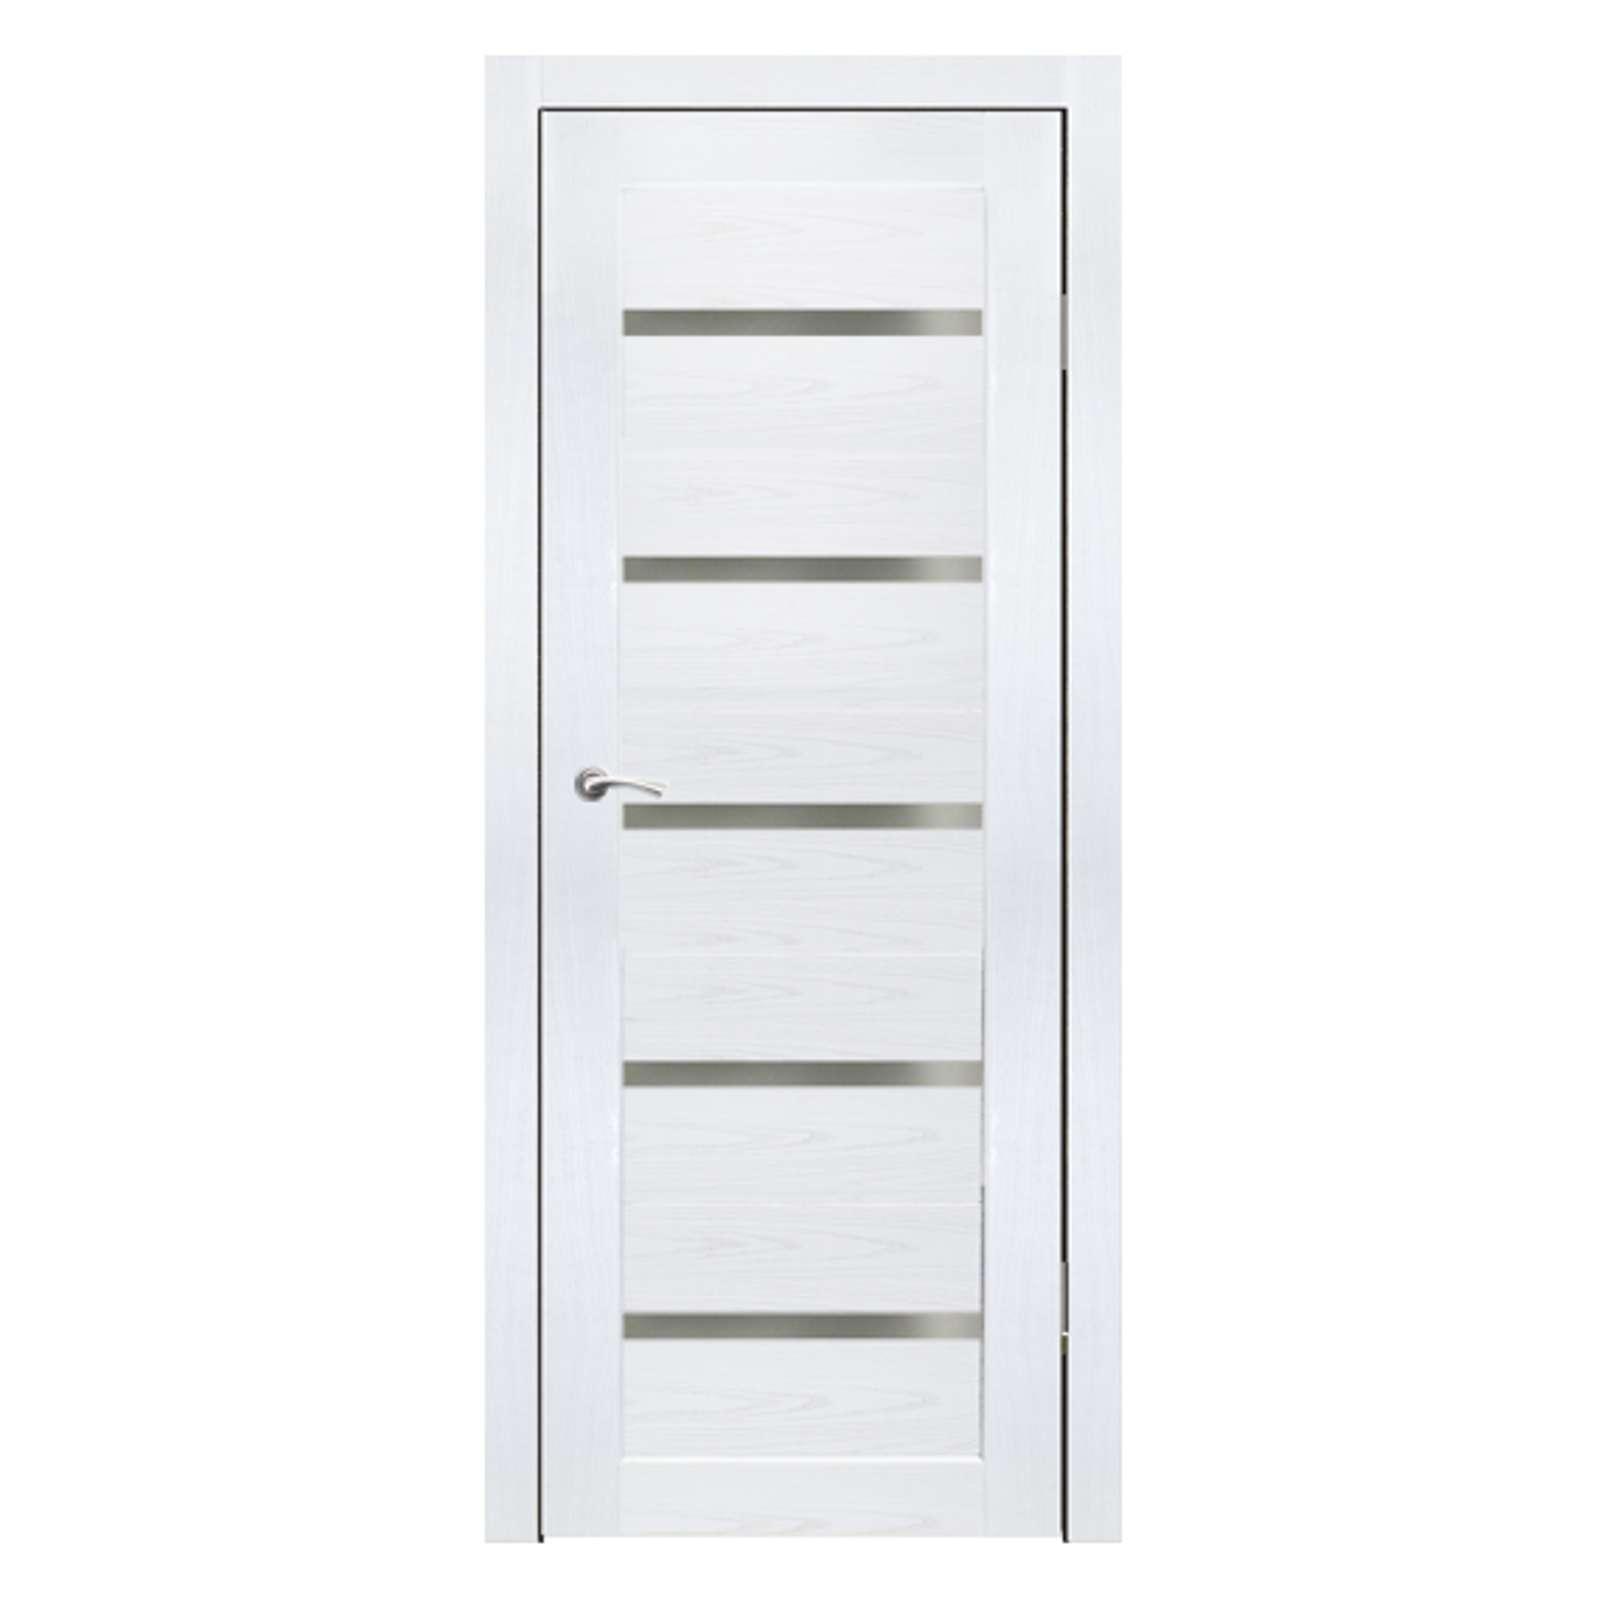 Дверное полотно Синержи Бьянка, Белый ясень, ПДО 800Х2000ММ